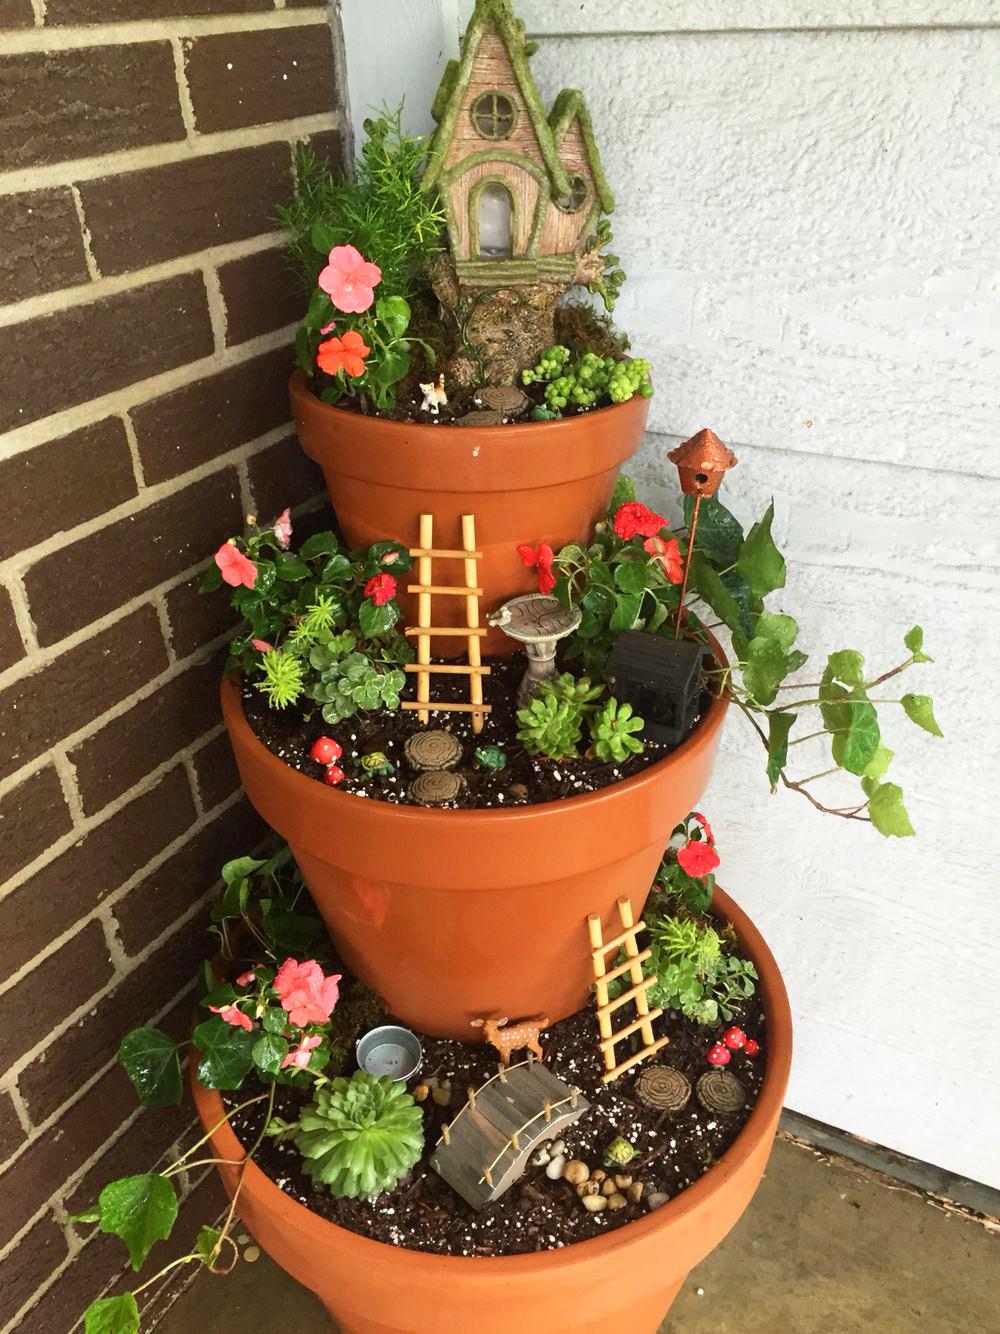 Mini jardines de cuento: un jardín triple